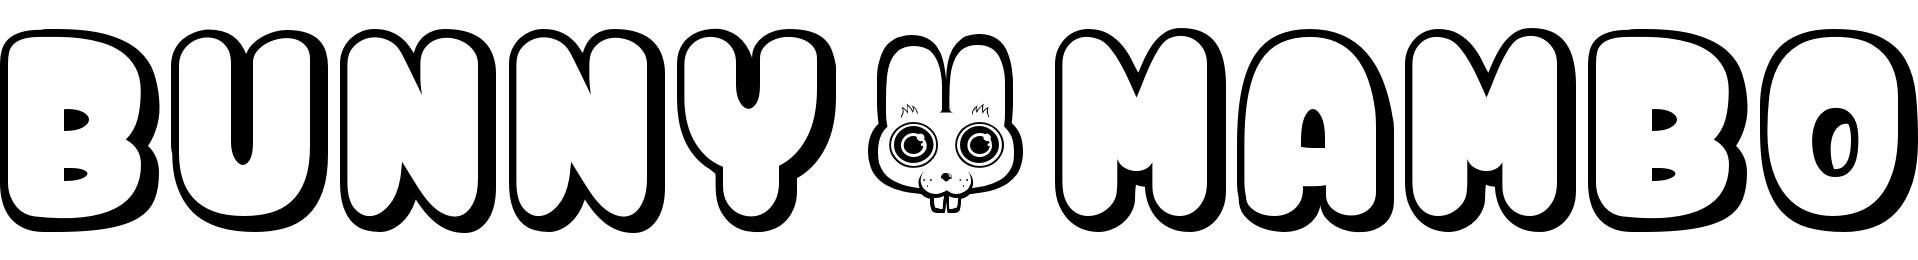 bunny$mambo